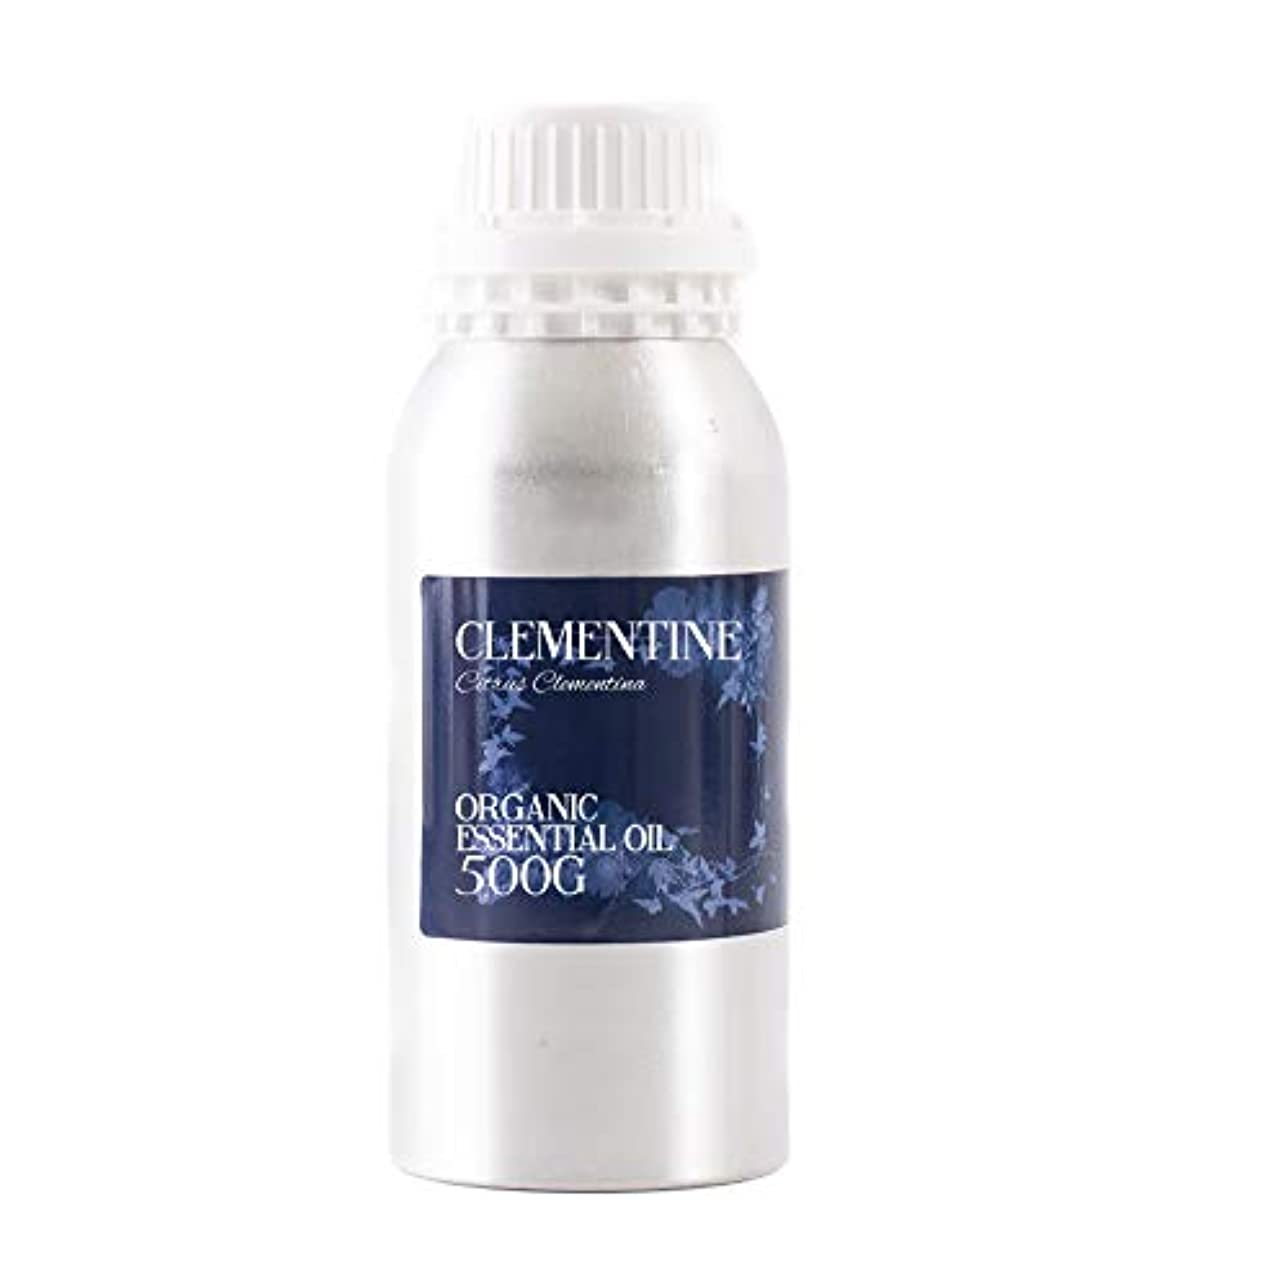 ビジターペンフレンド湿度Mystic Moments | Clementine Organic Essential Oil - 500g - 100% Pure